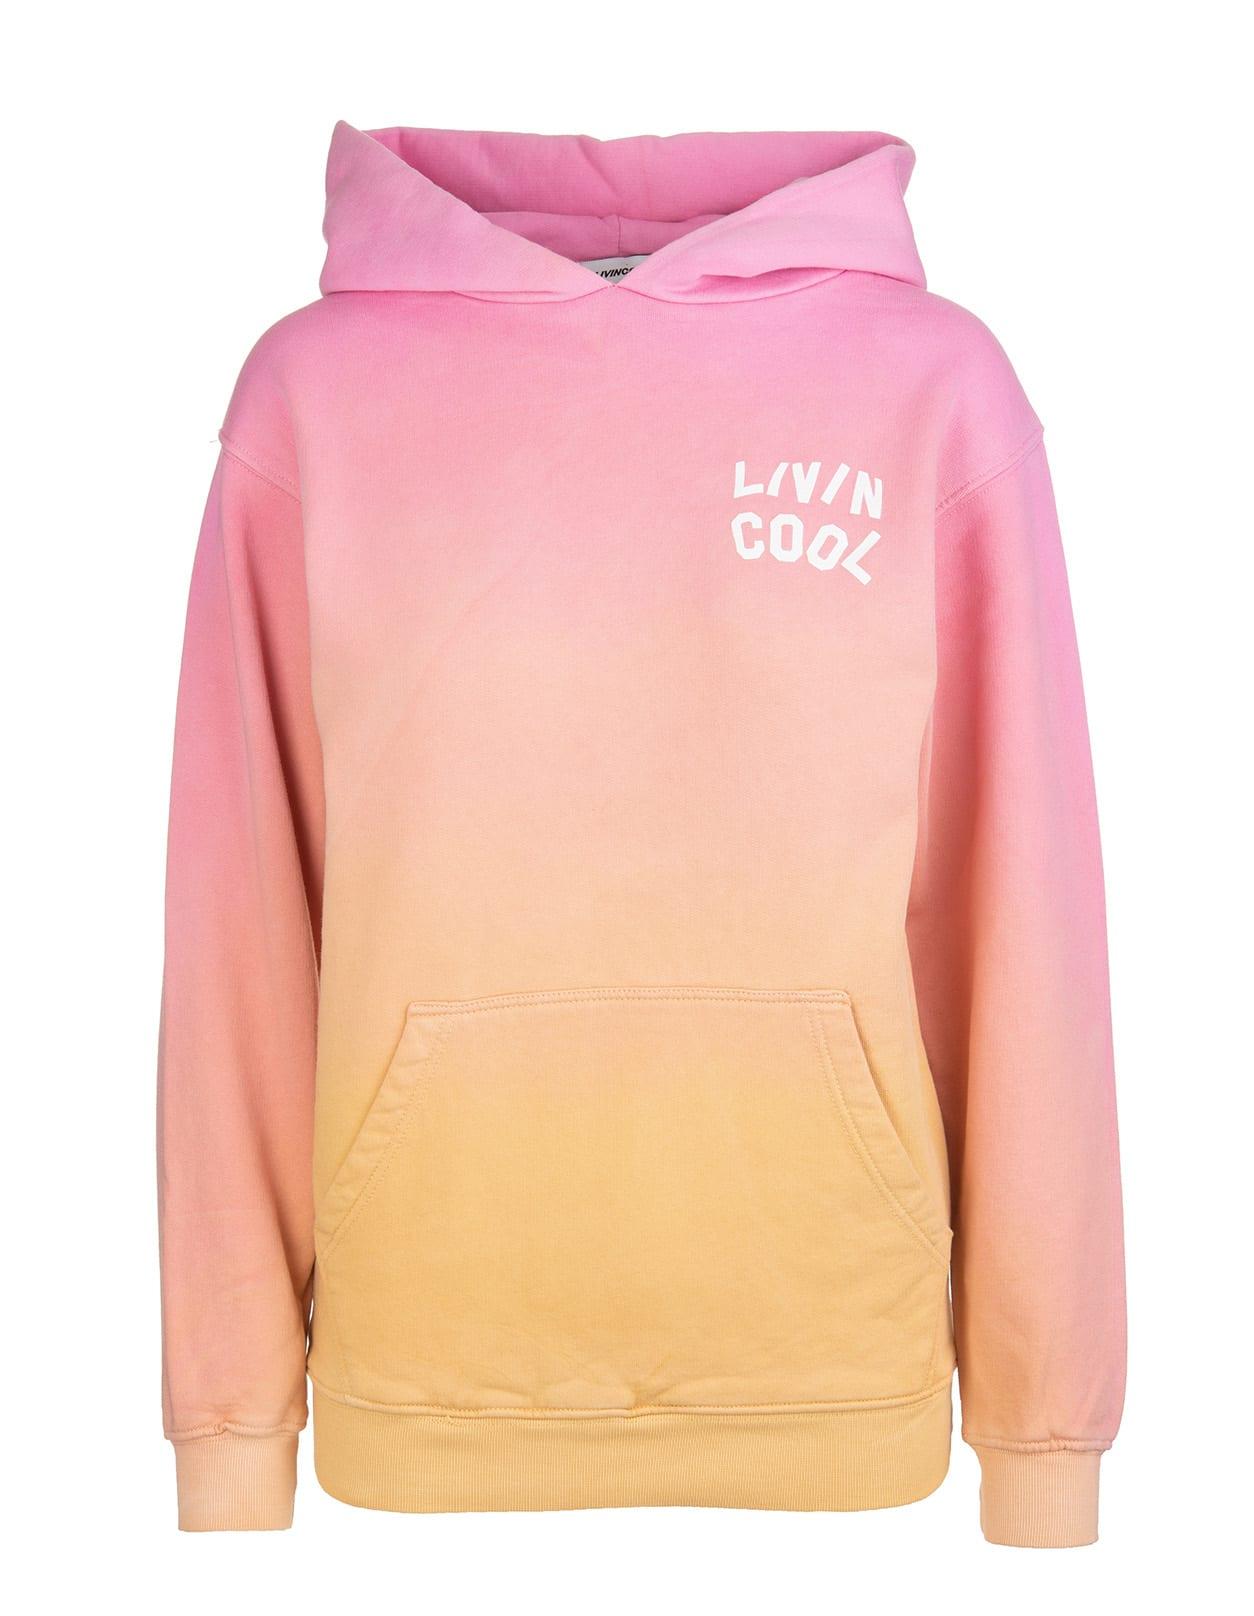 Woman Gradient Orange And Pink California Love Hoodie